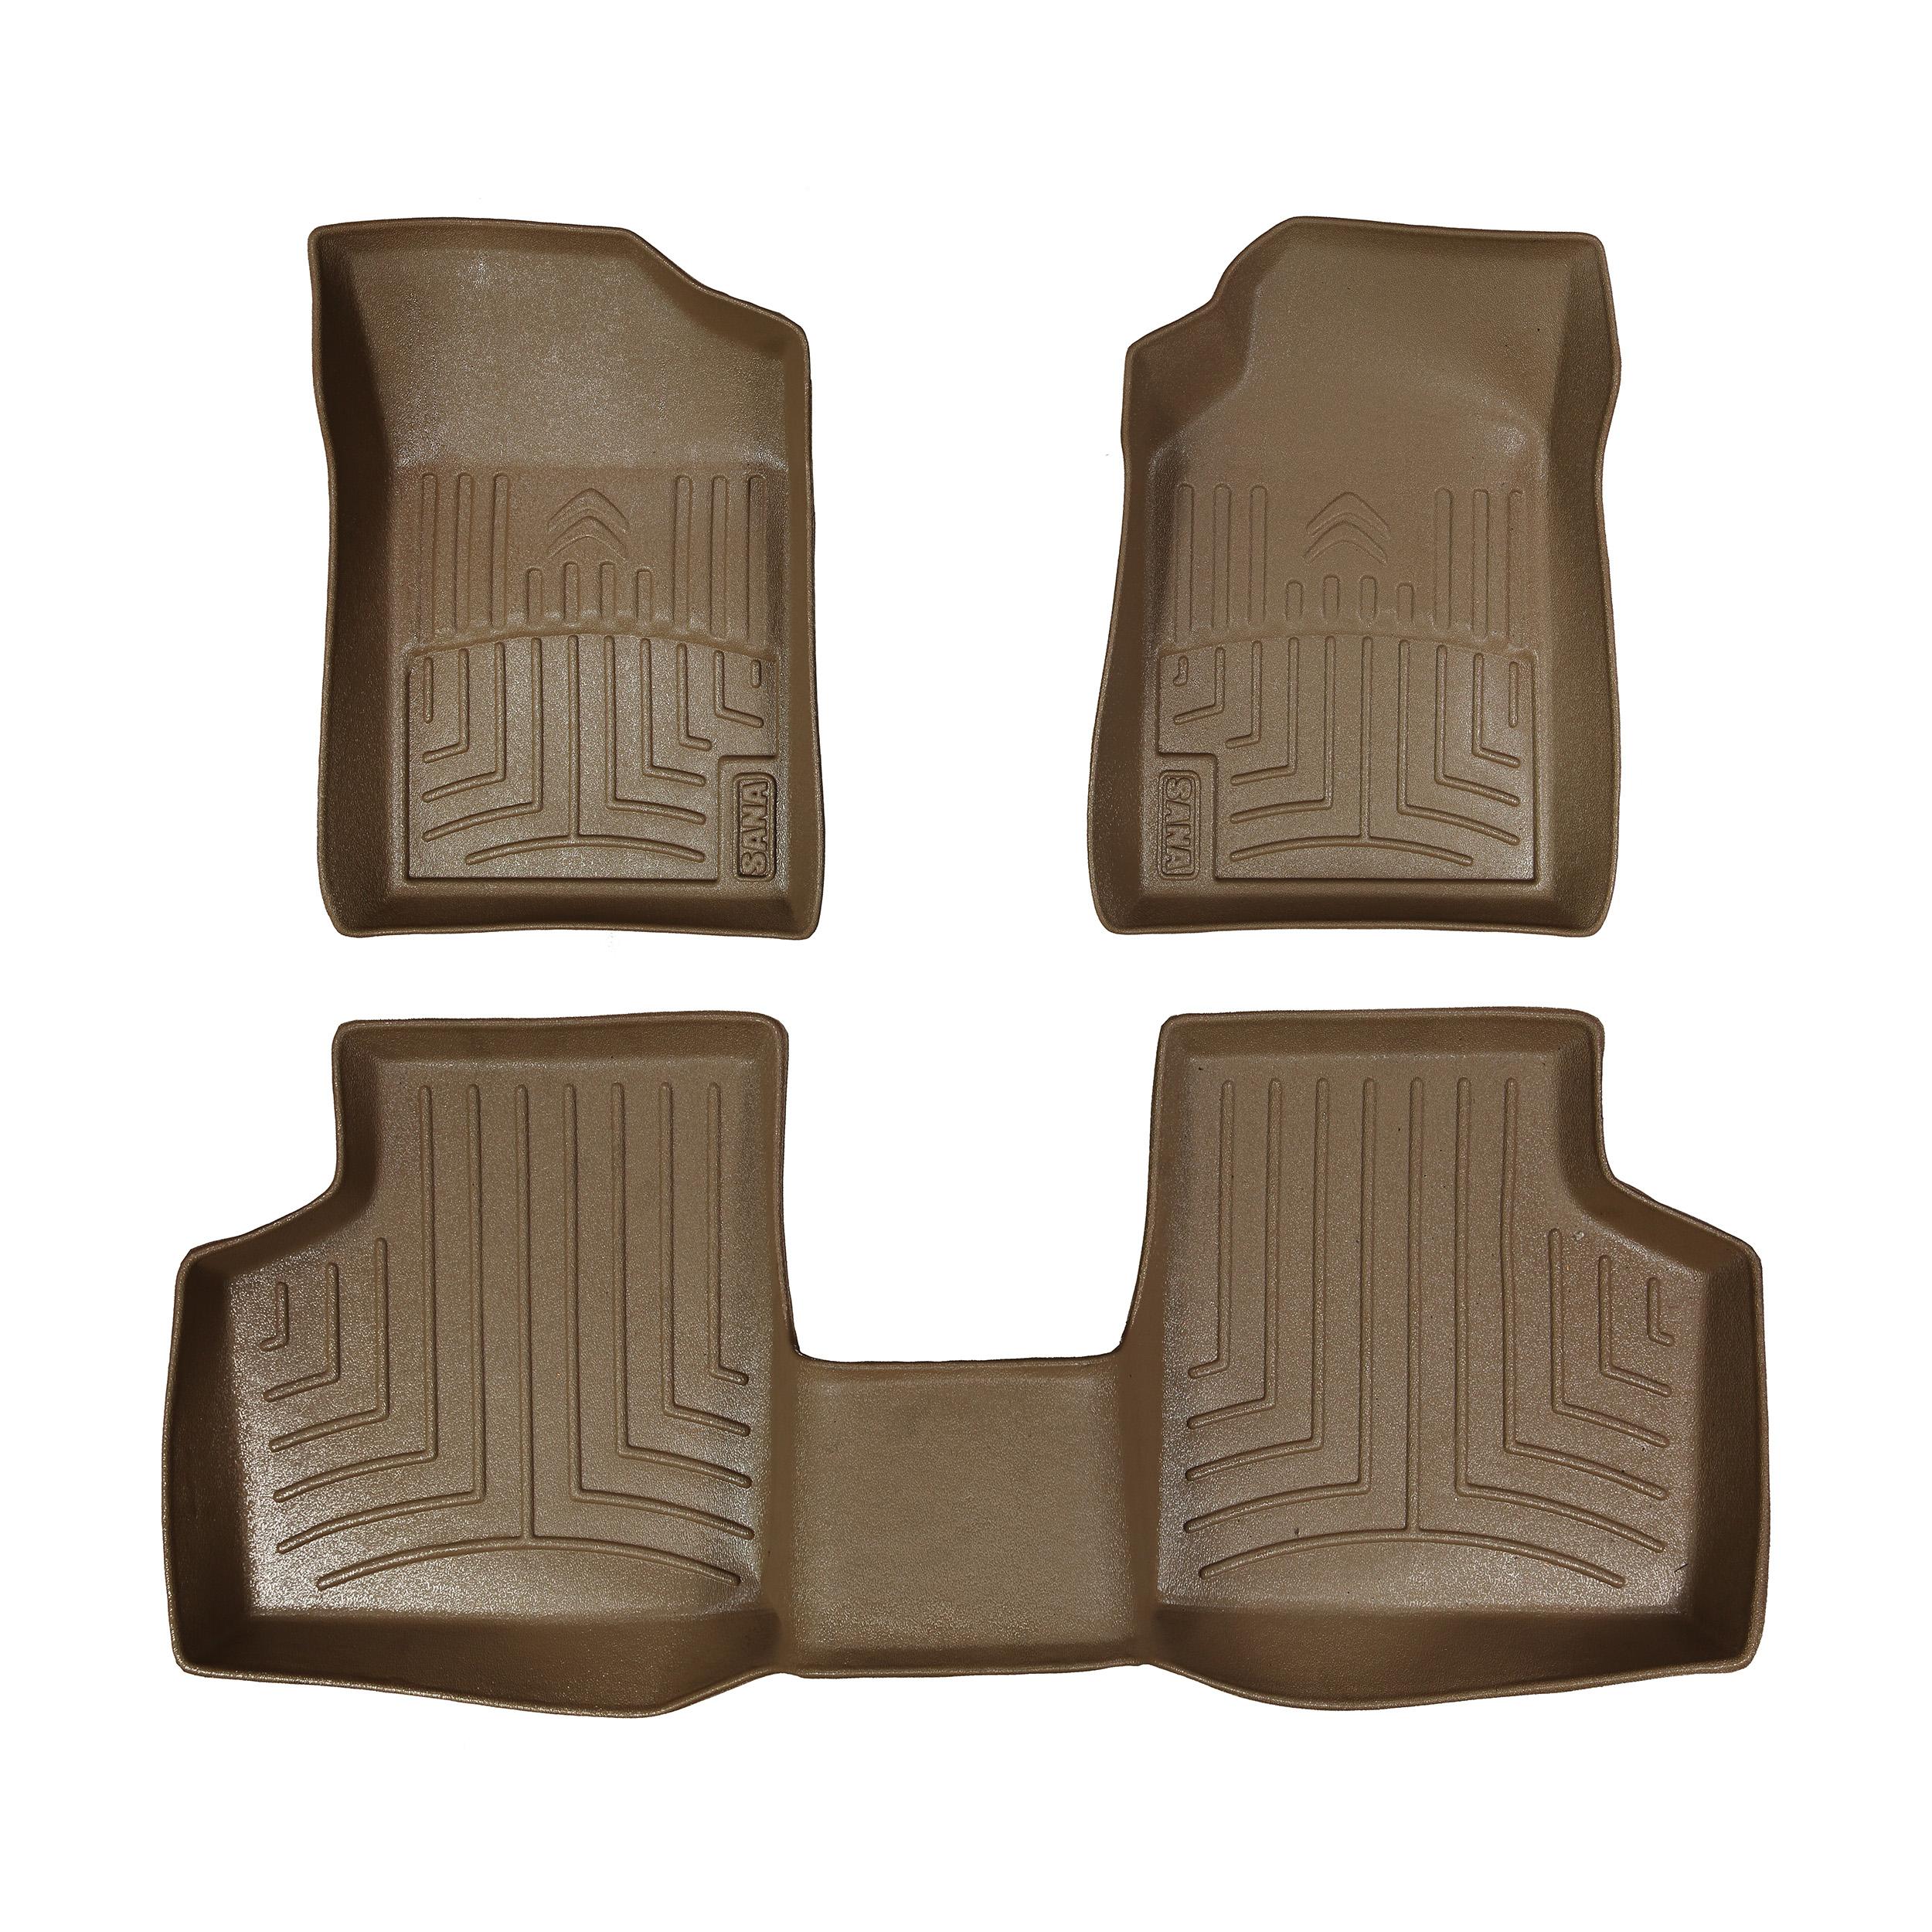 کفپوش سه بعدی خودرو سانا کد 012 مناسب برای زانتیا